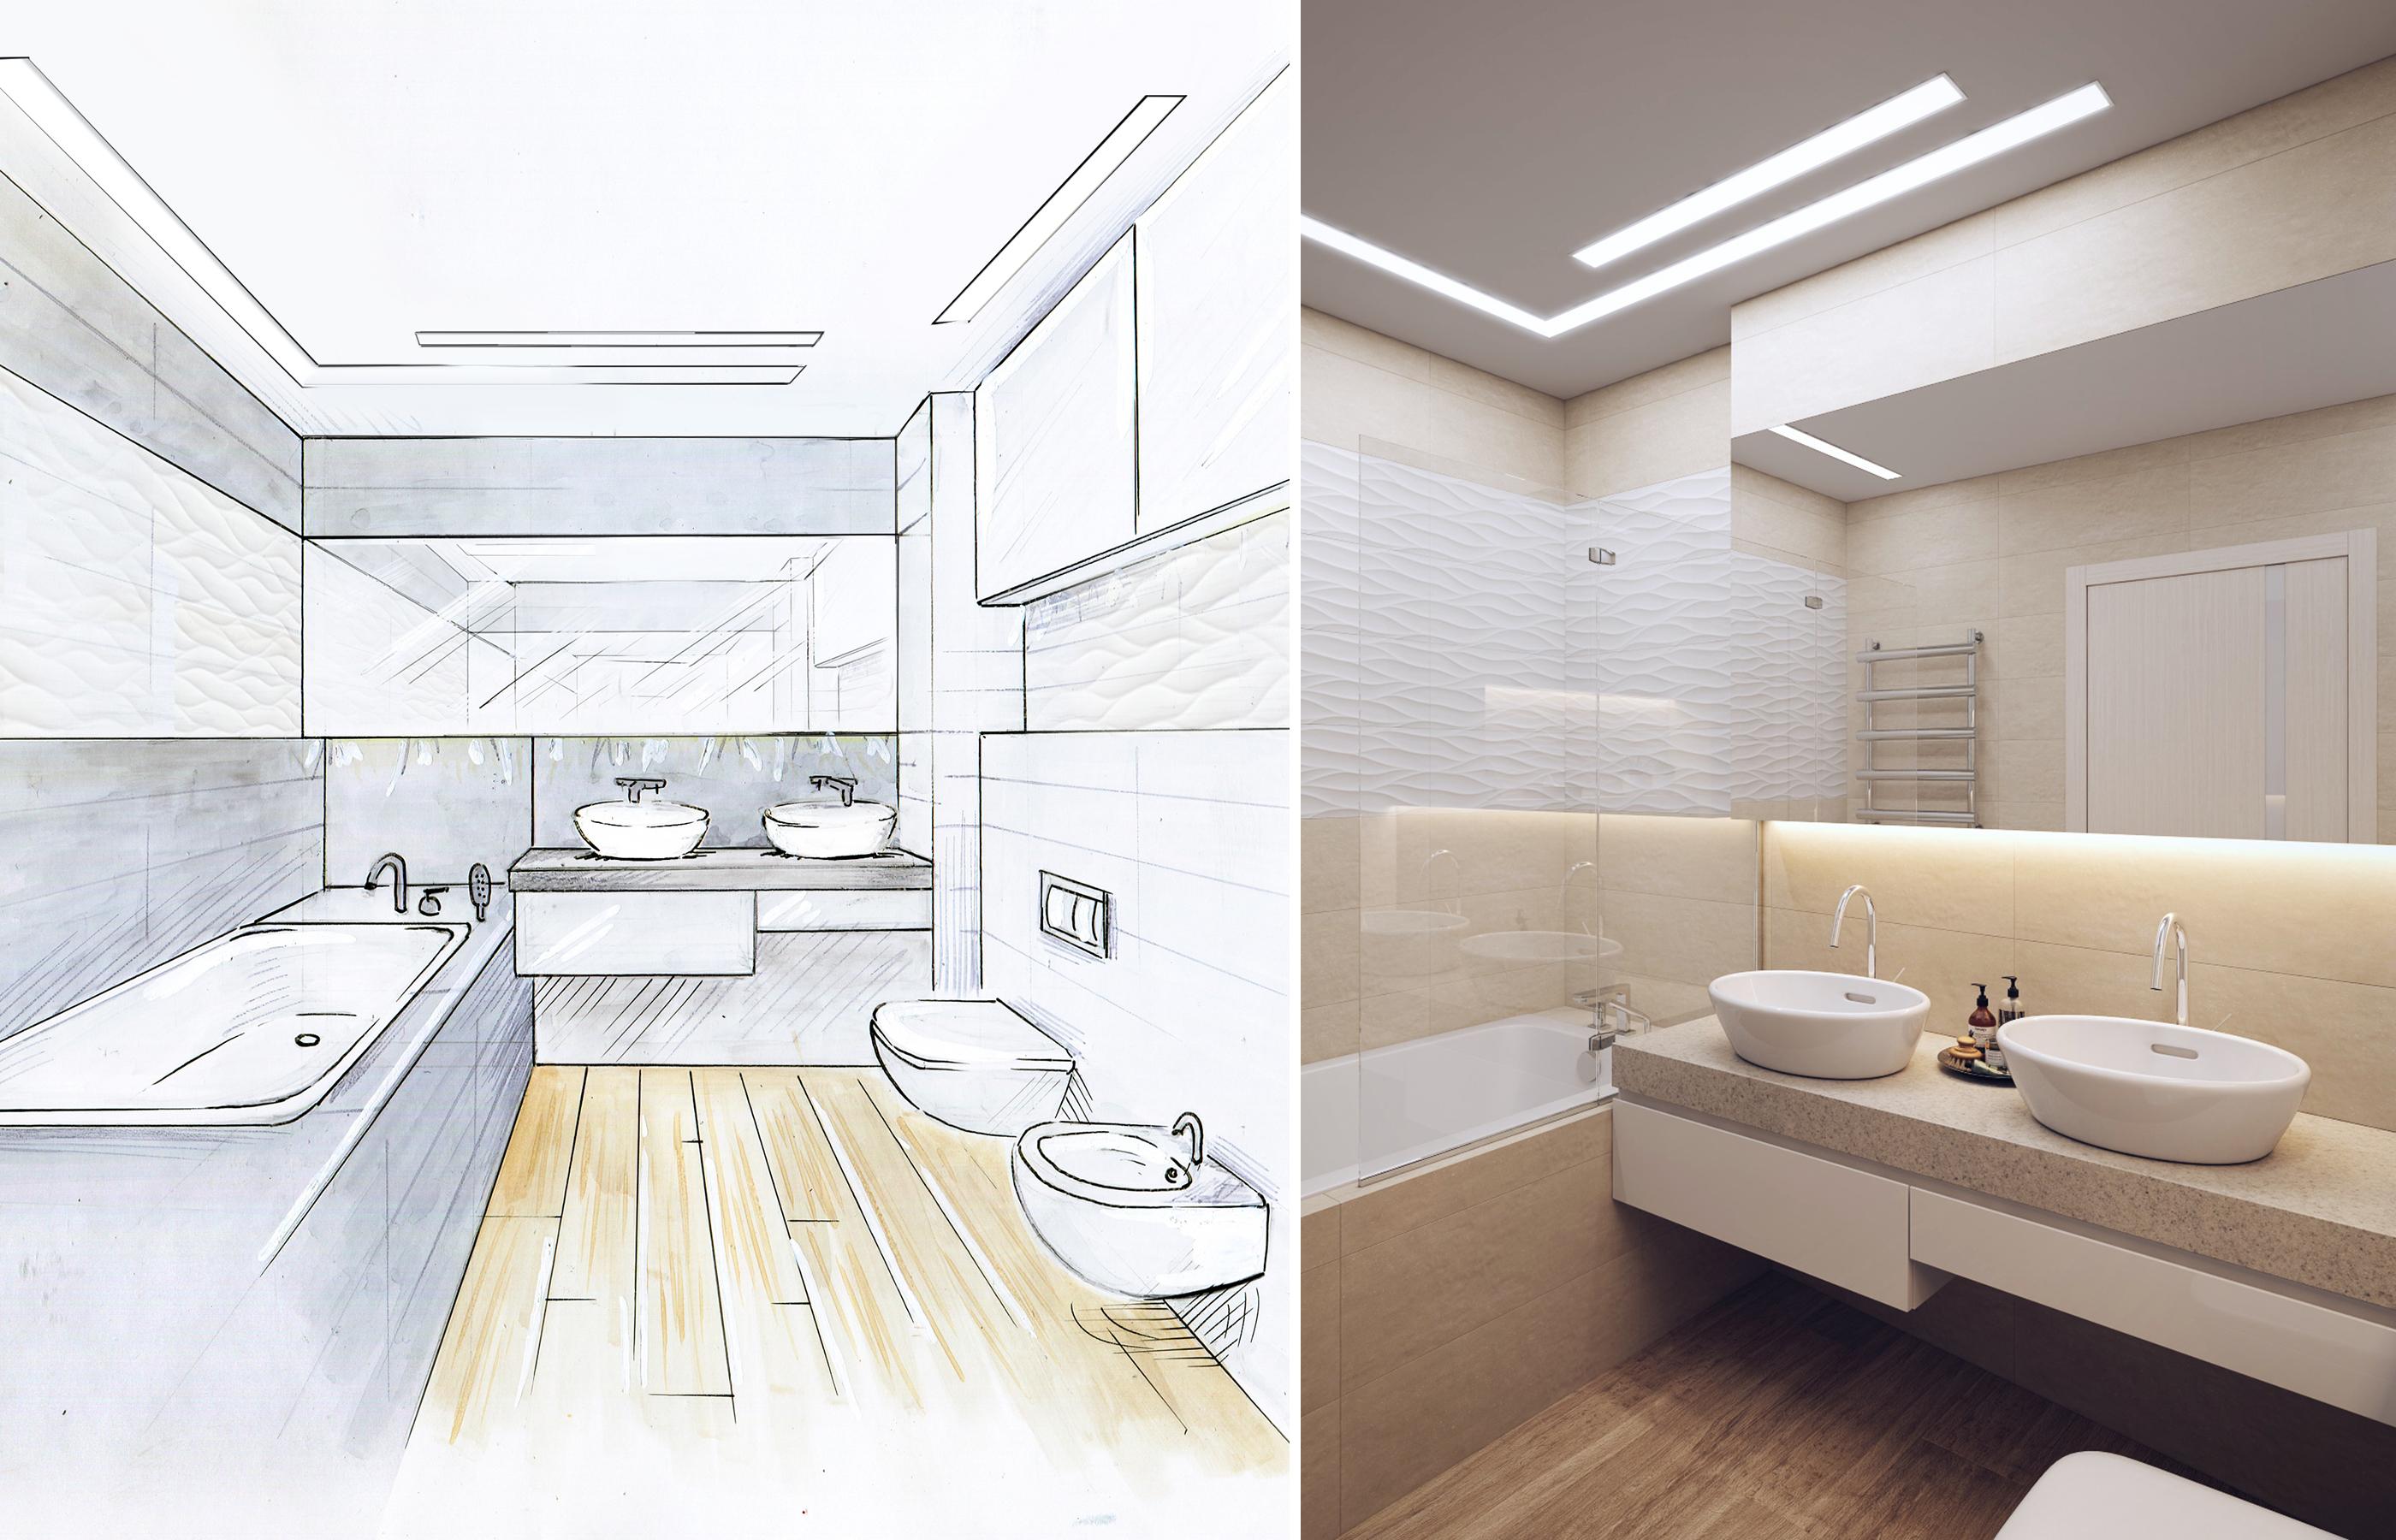 Зеркало во всю стену создает иллюзию увеличенного пространства ванной комнаты